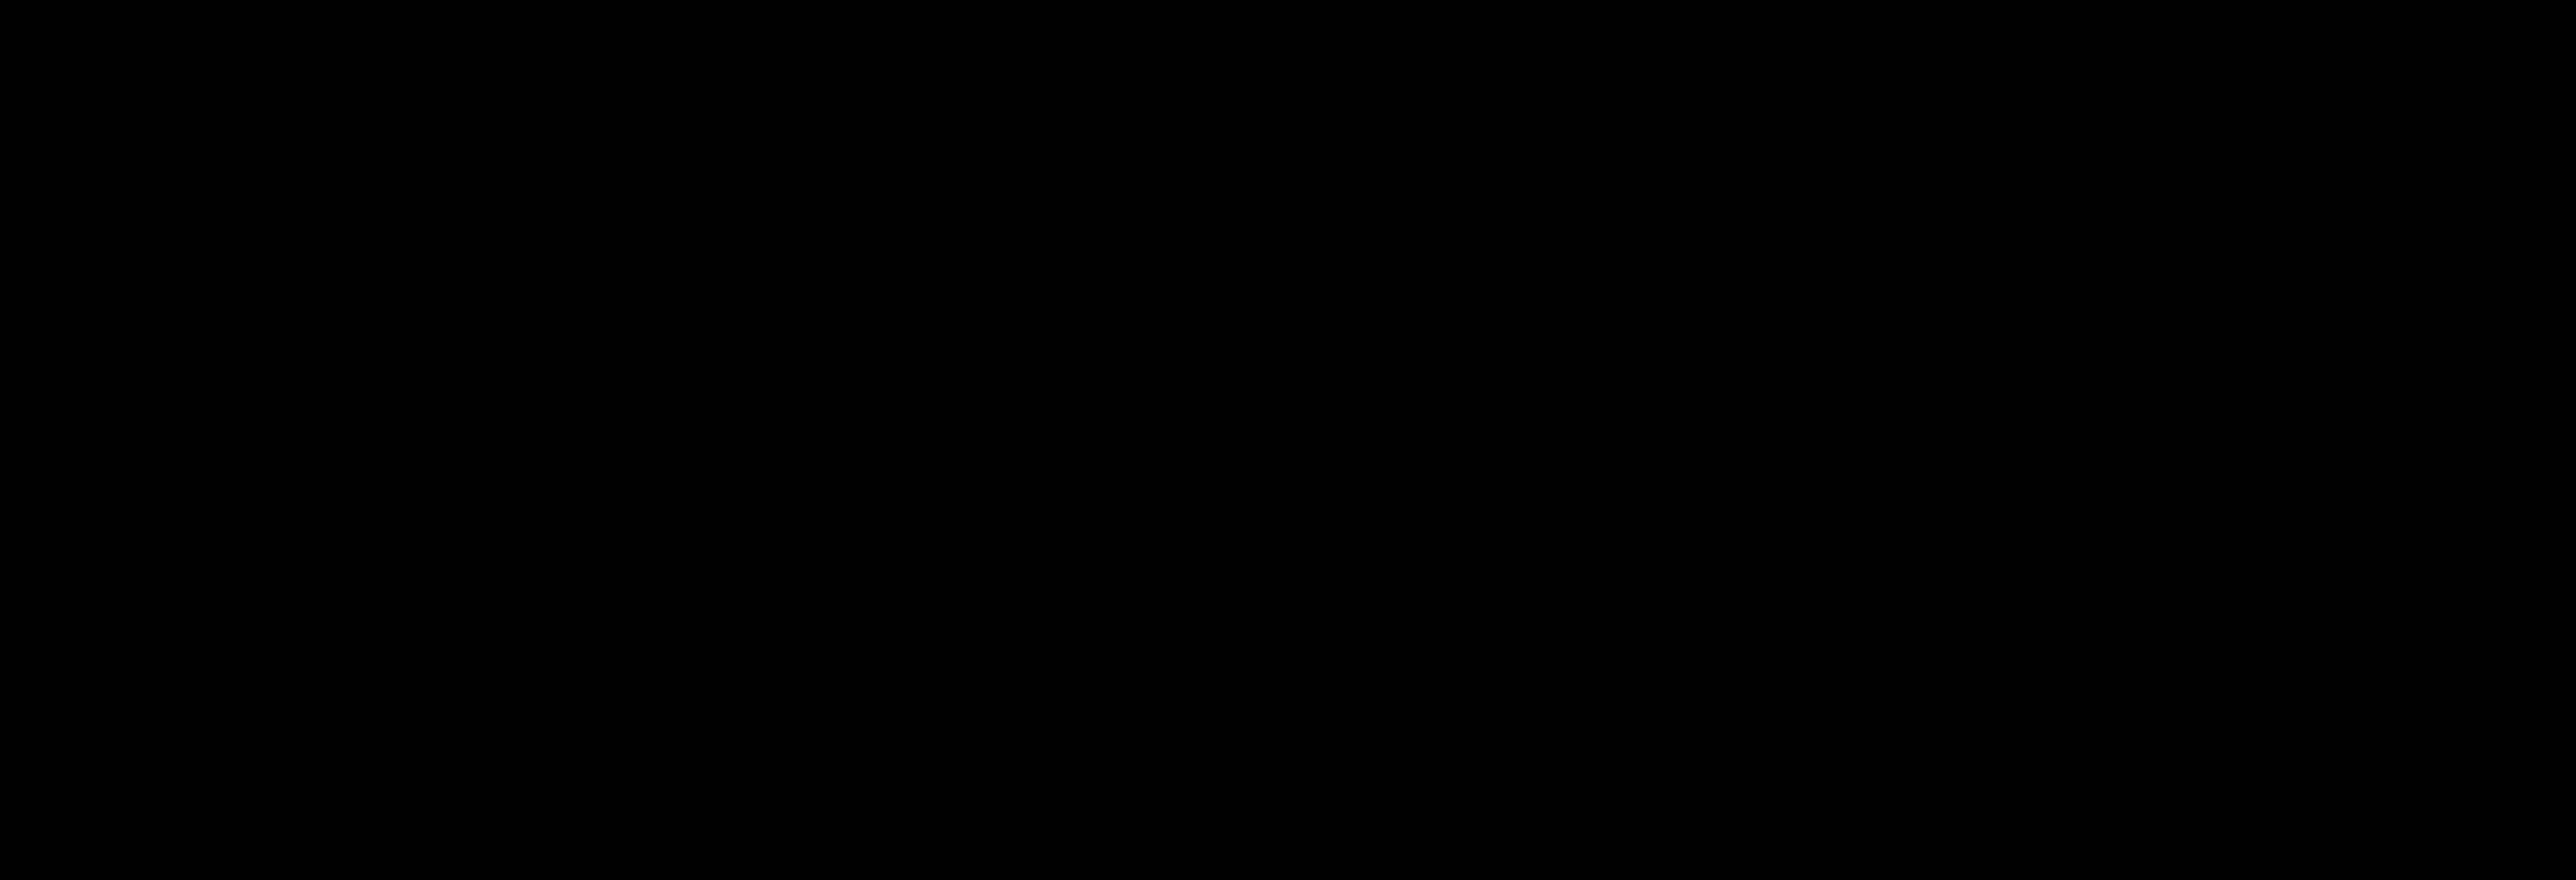 SD hydraulic